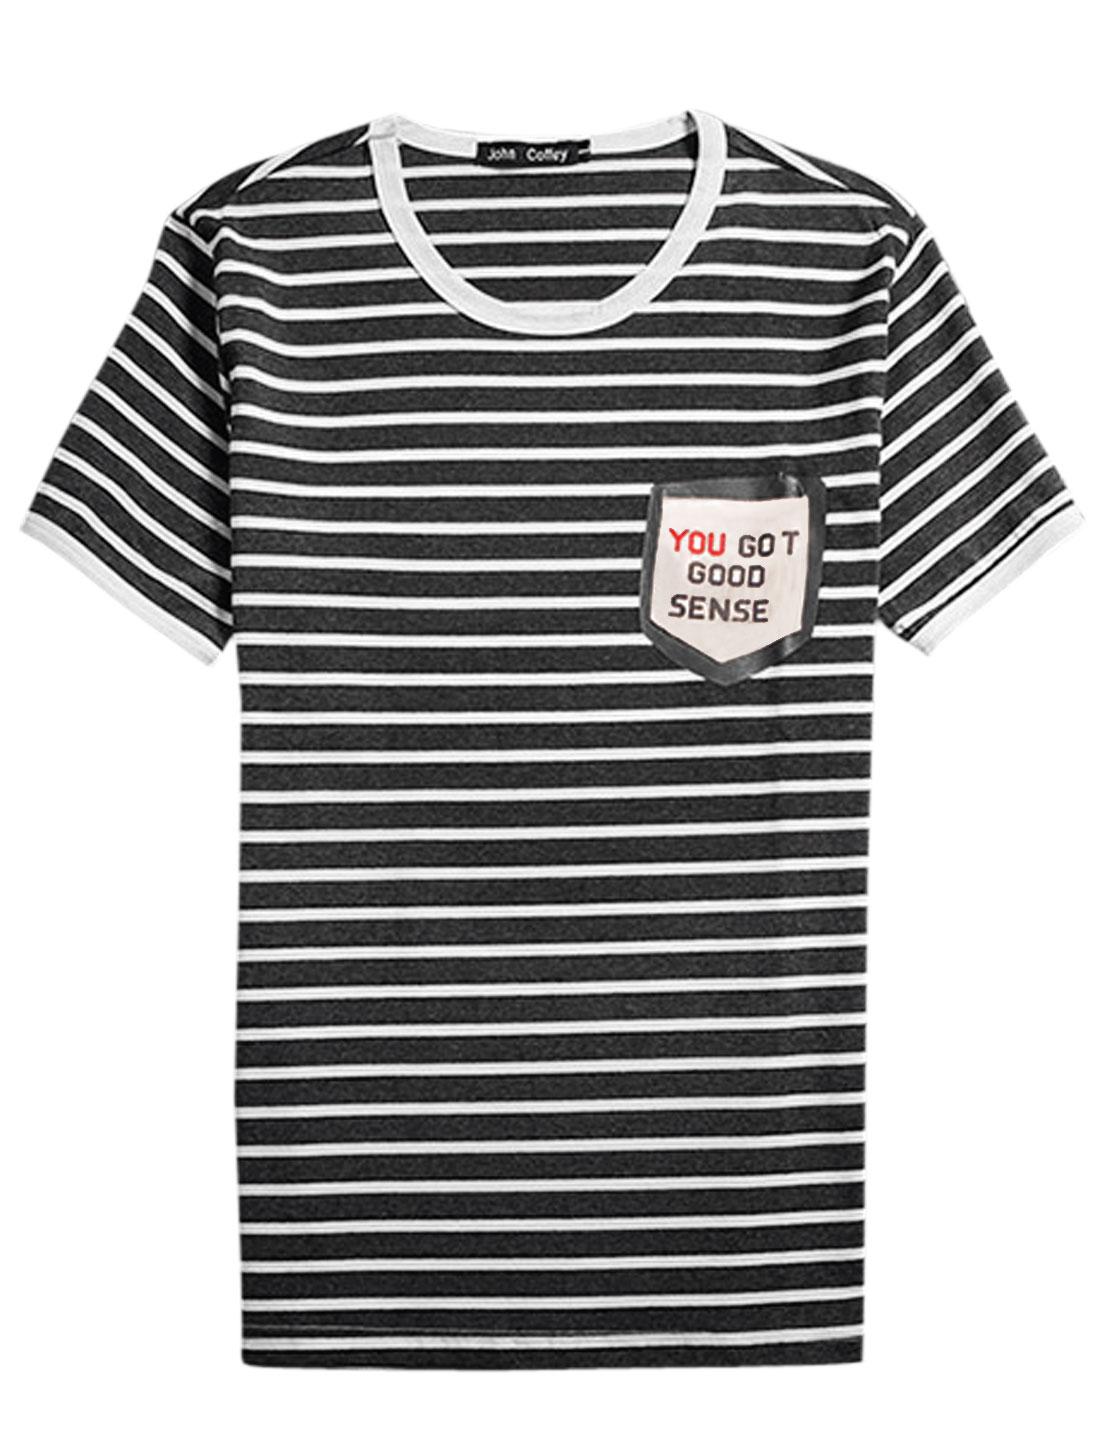 Men Stripes One Chest Pocket Short Sleeves T-shirt Dark Gray White S